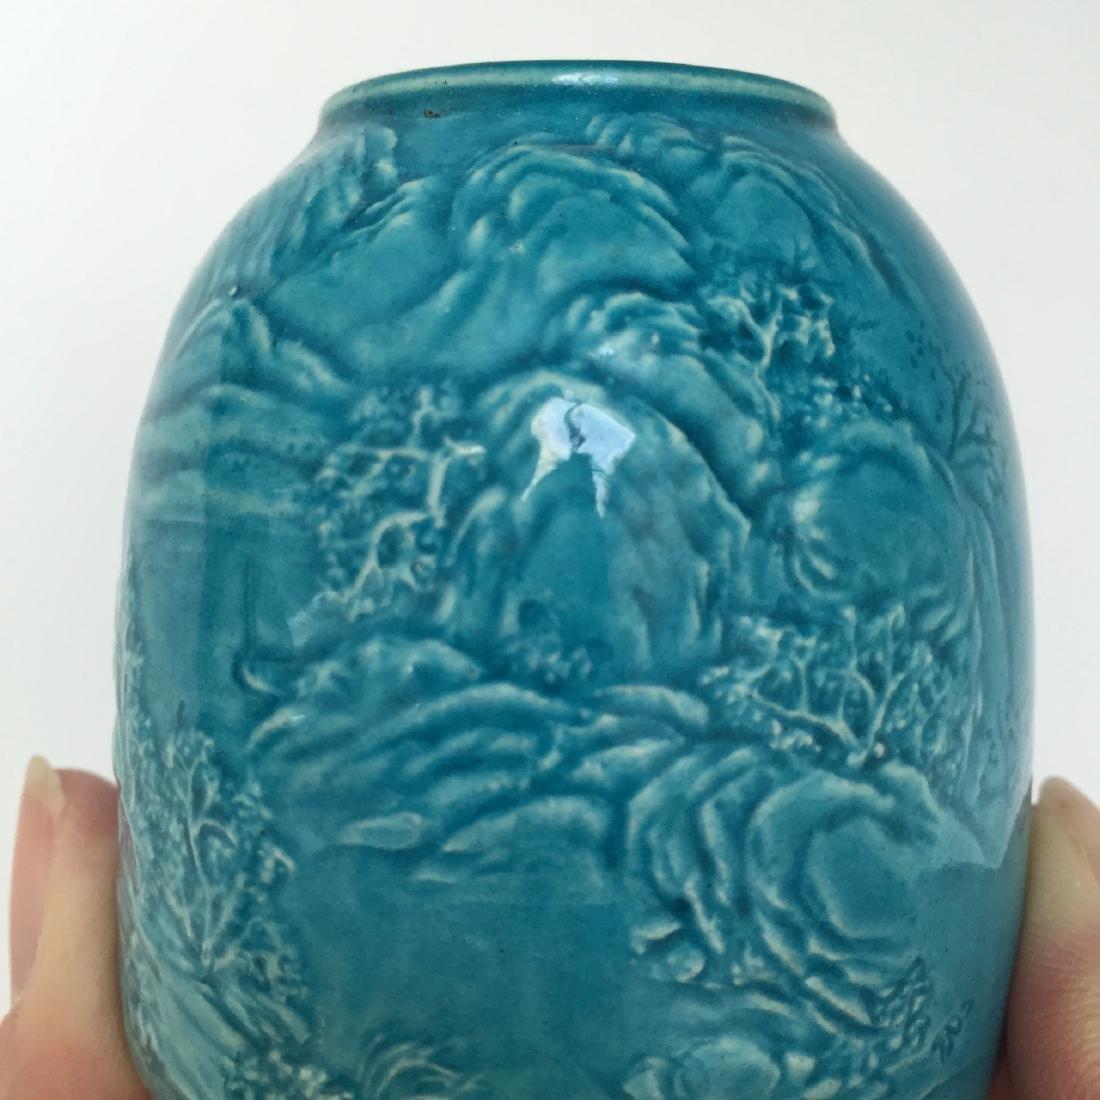 A BLUE GLAZED PORCELAIN WATER DROPPER, REPUBLIC PERIOD - 4